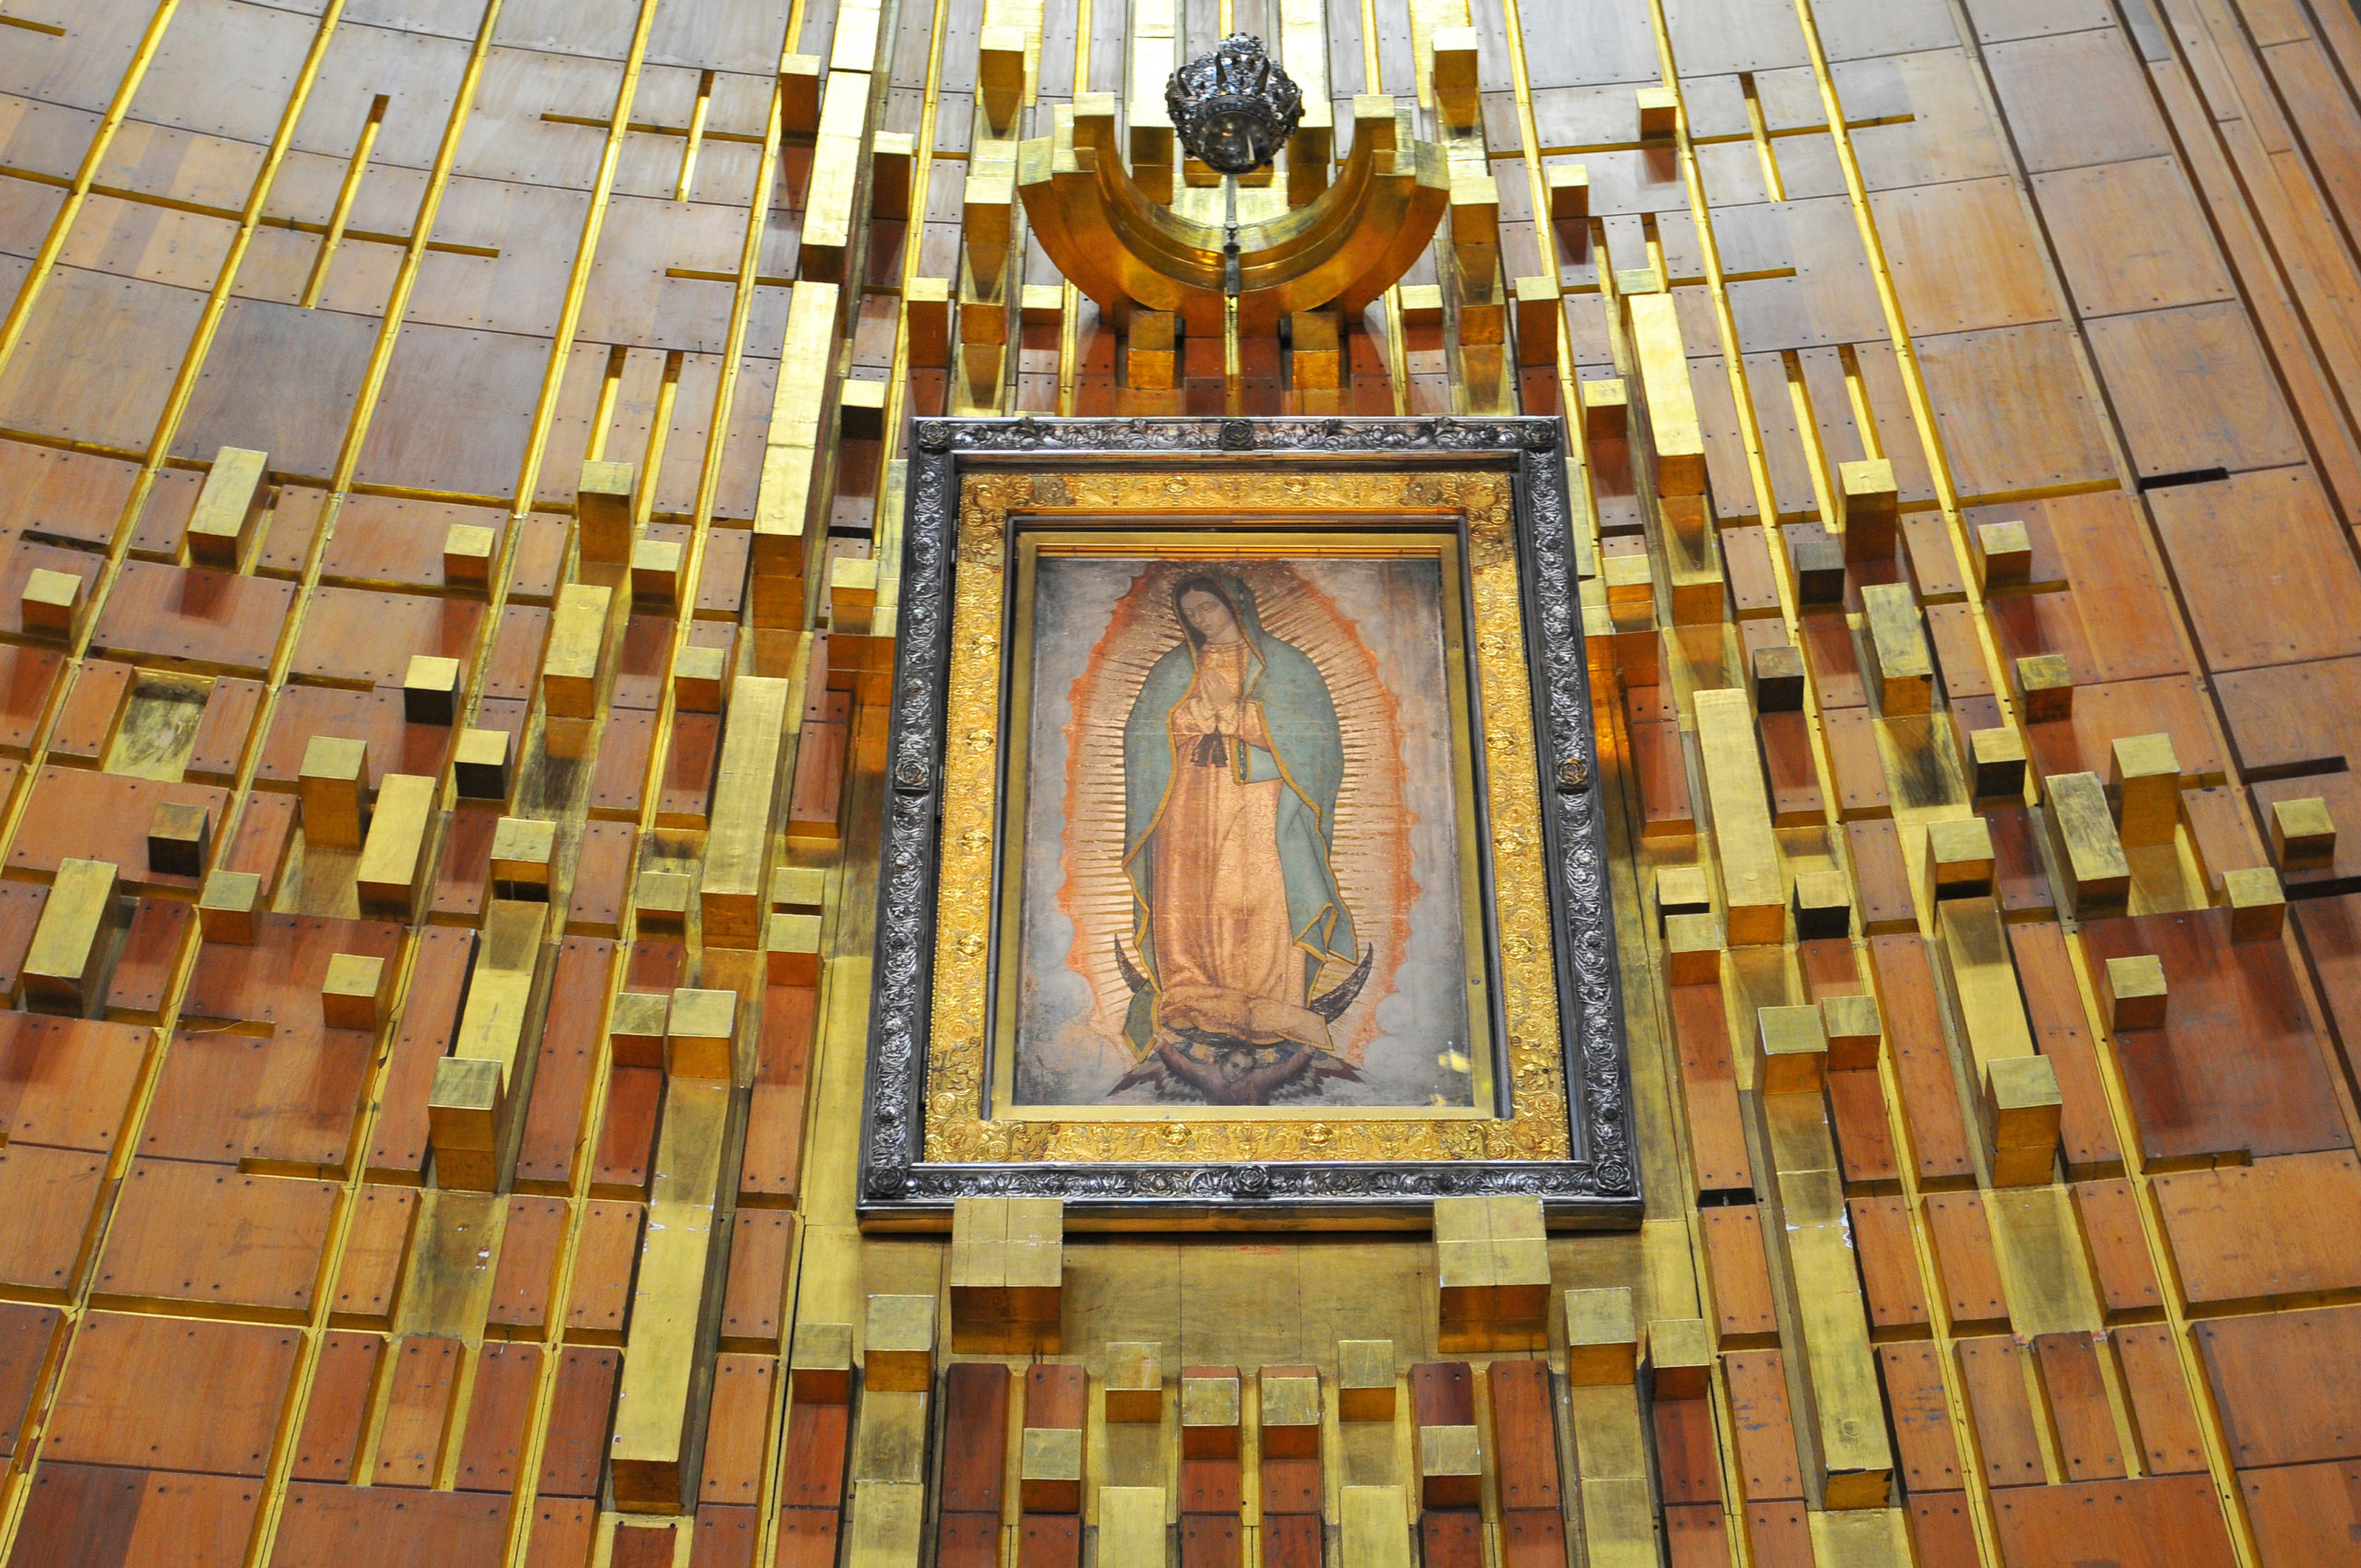 La Protección del Cielo en la Persecuciones, el caso de la Virgen de Guadalupe